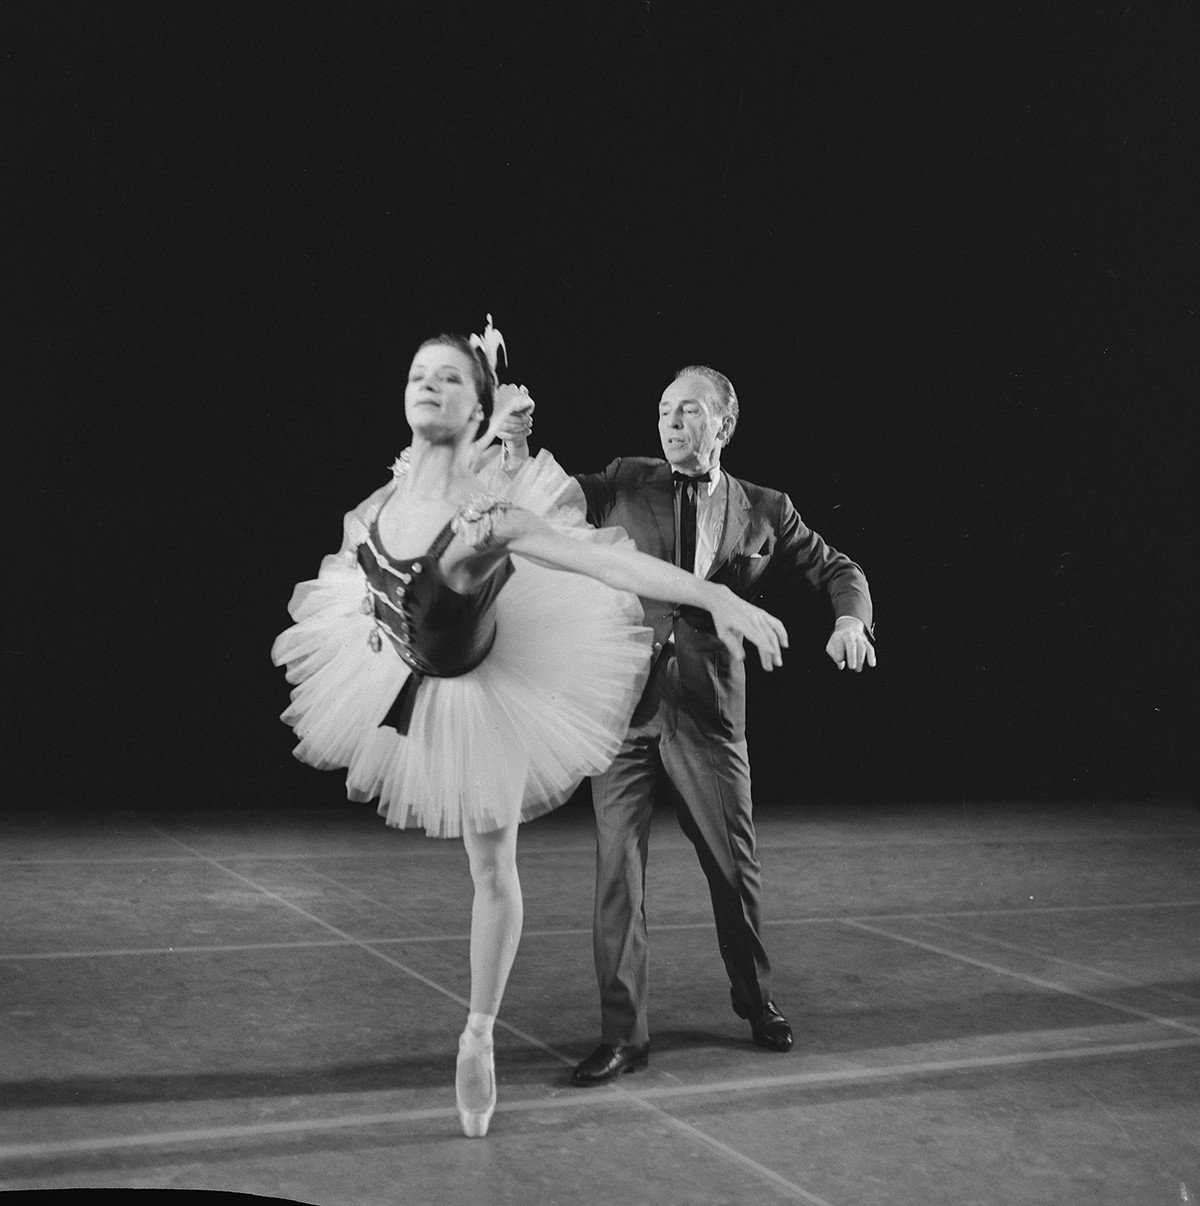 George Balanchine avec la troupe du ballet de New York en tournée à Amsterdam